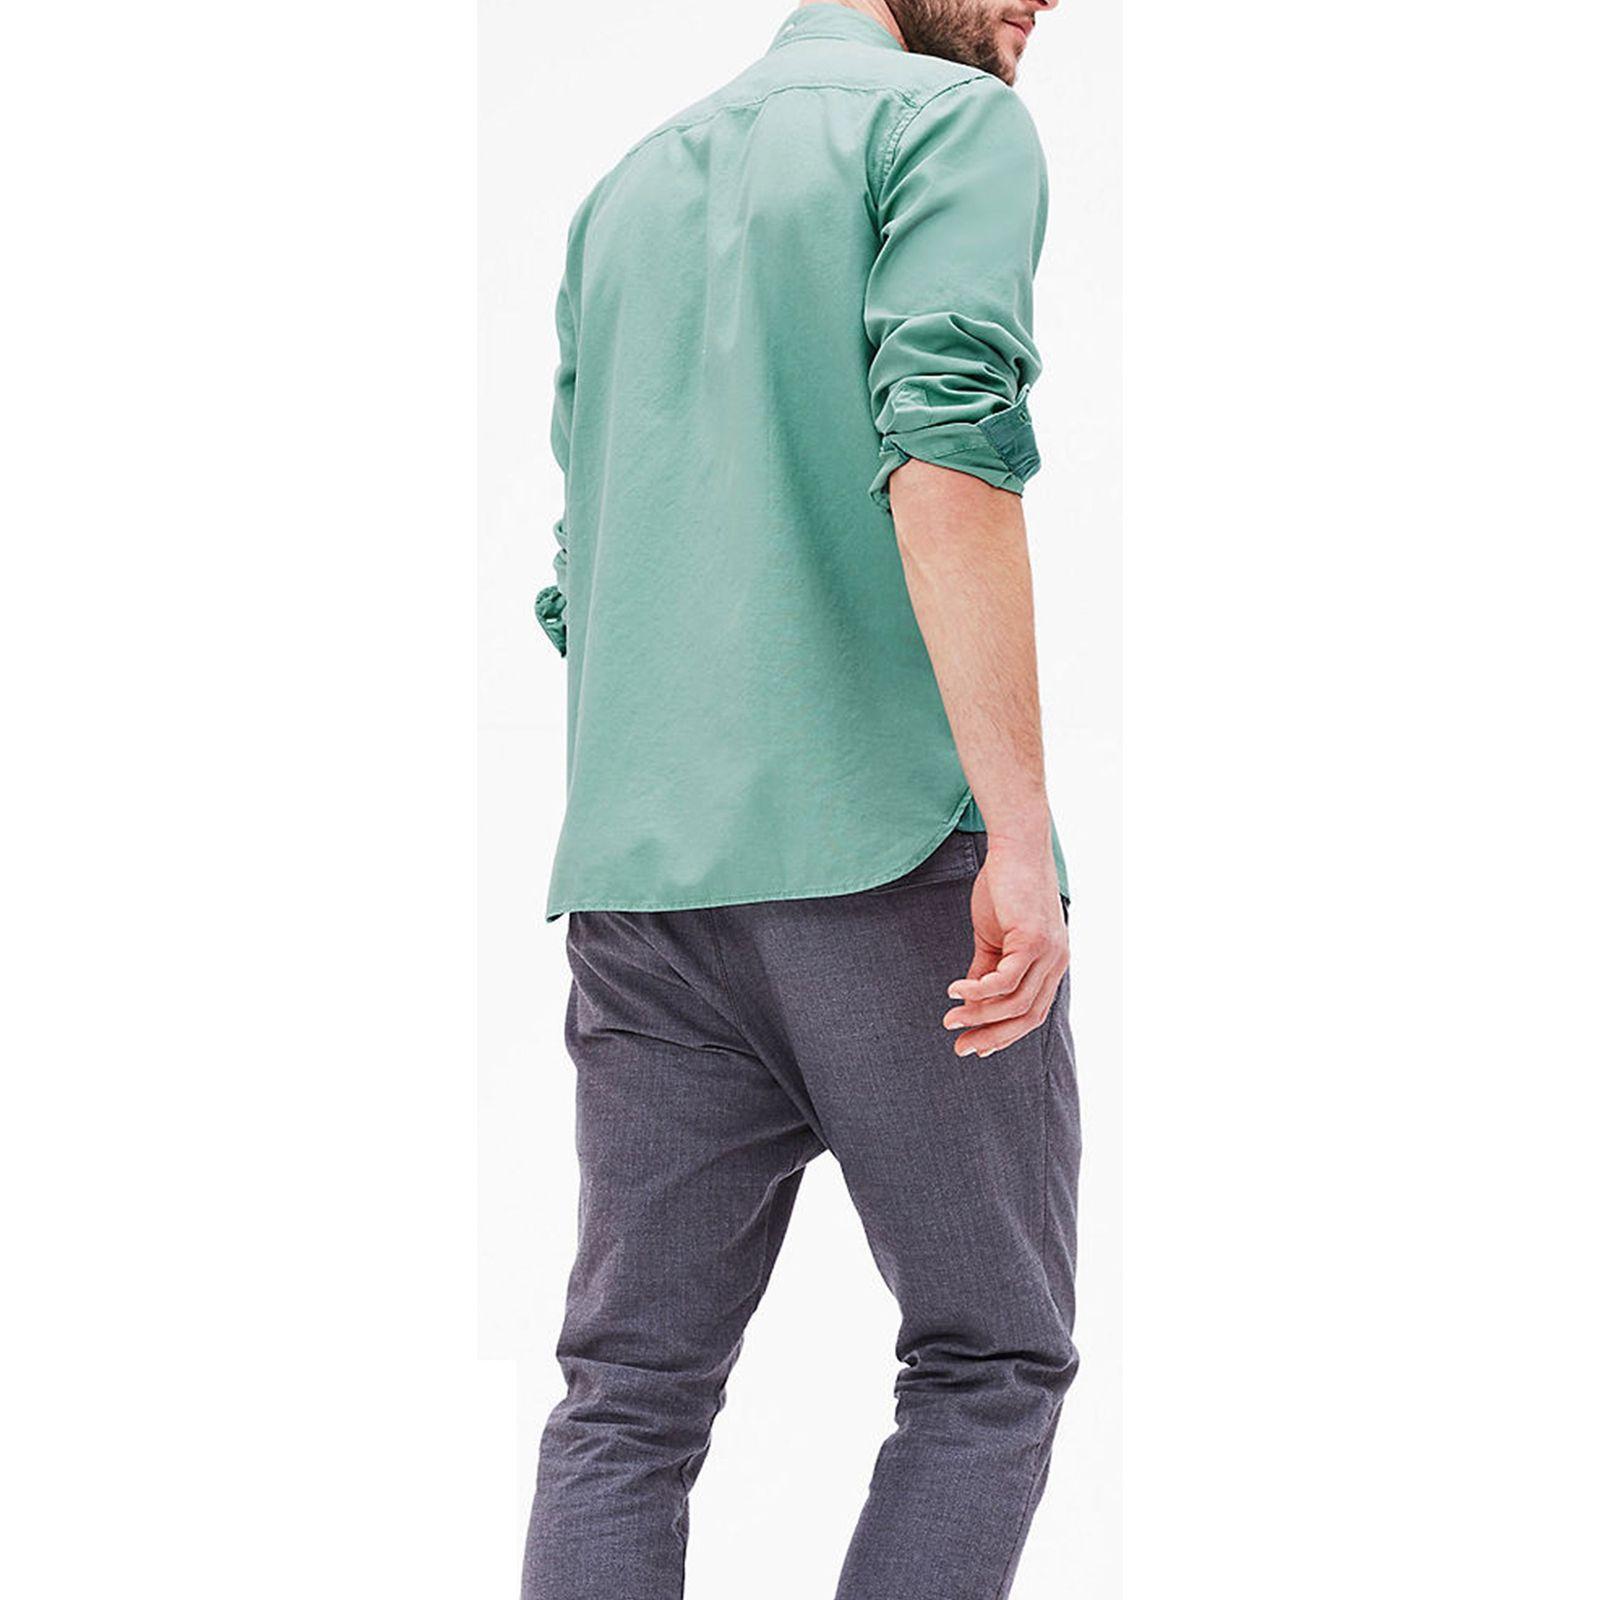 پیراهن نخی آستین بلند مردانه - اس.اولیور - سبز - 5